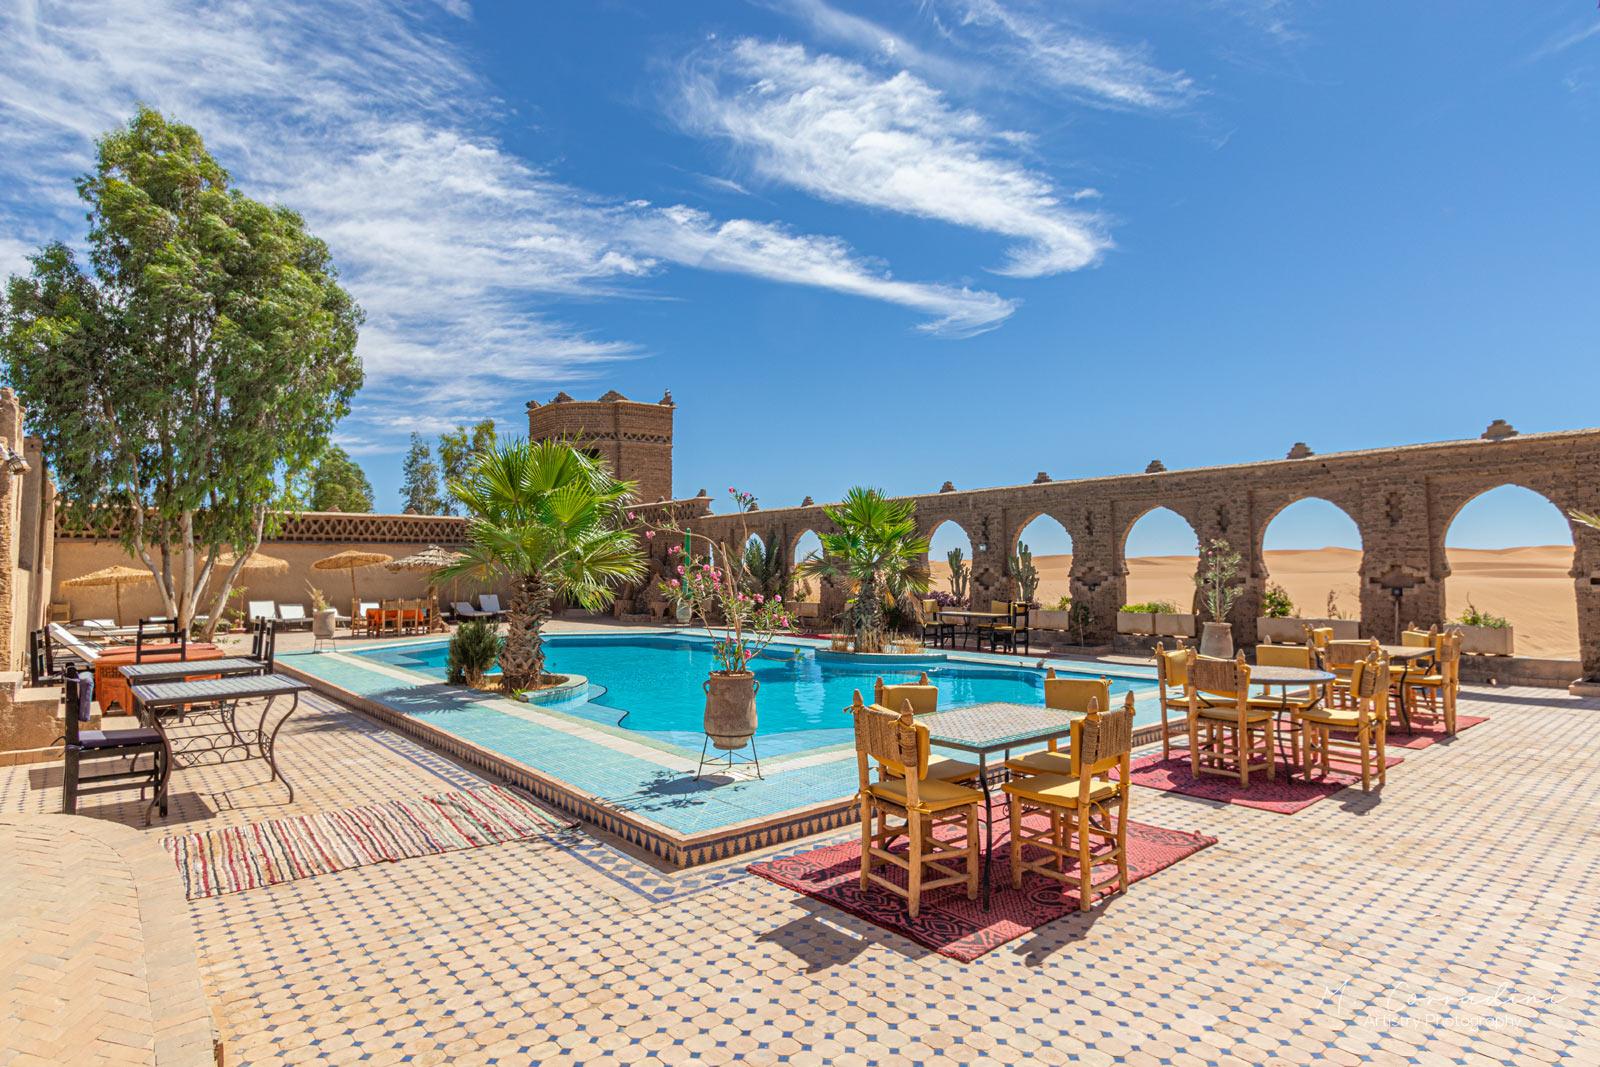 Agencia de Viajes a Marruecos • Excursiones desde Marrakech 4